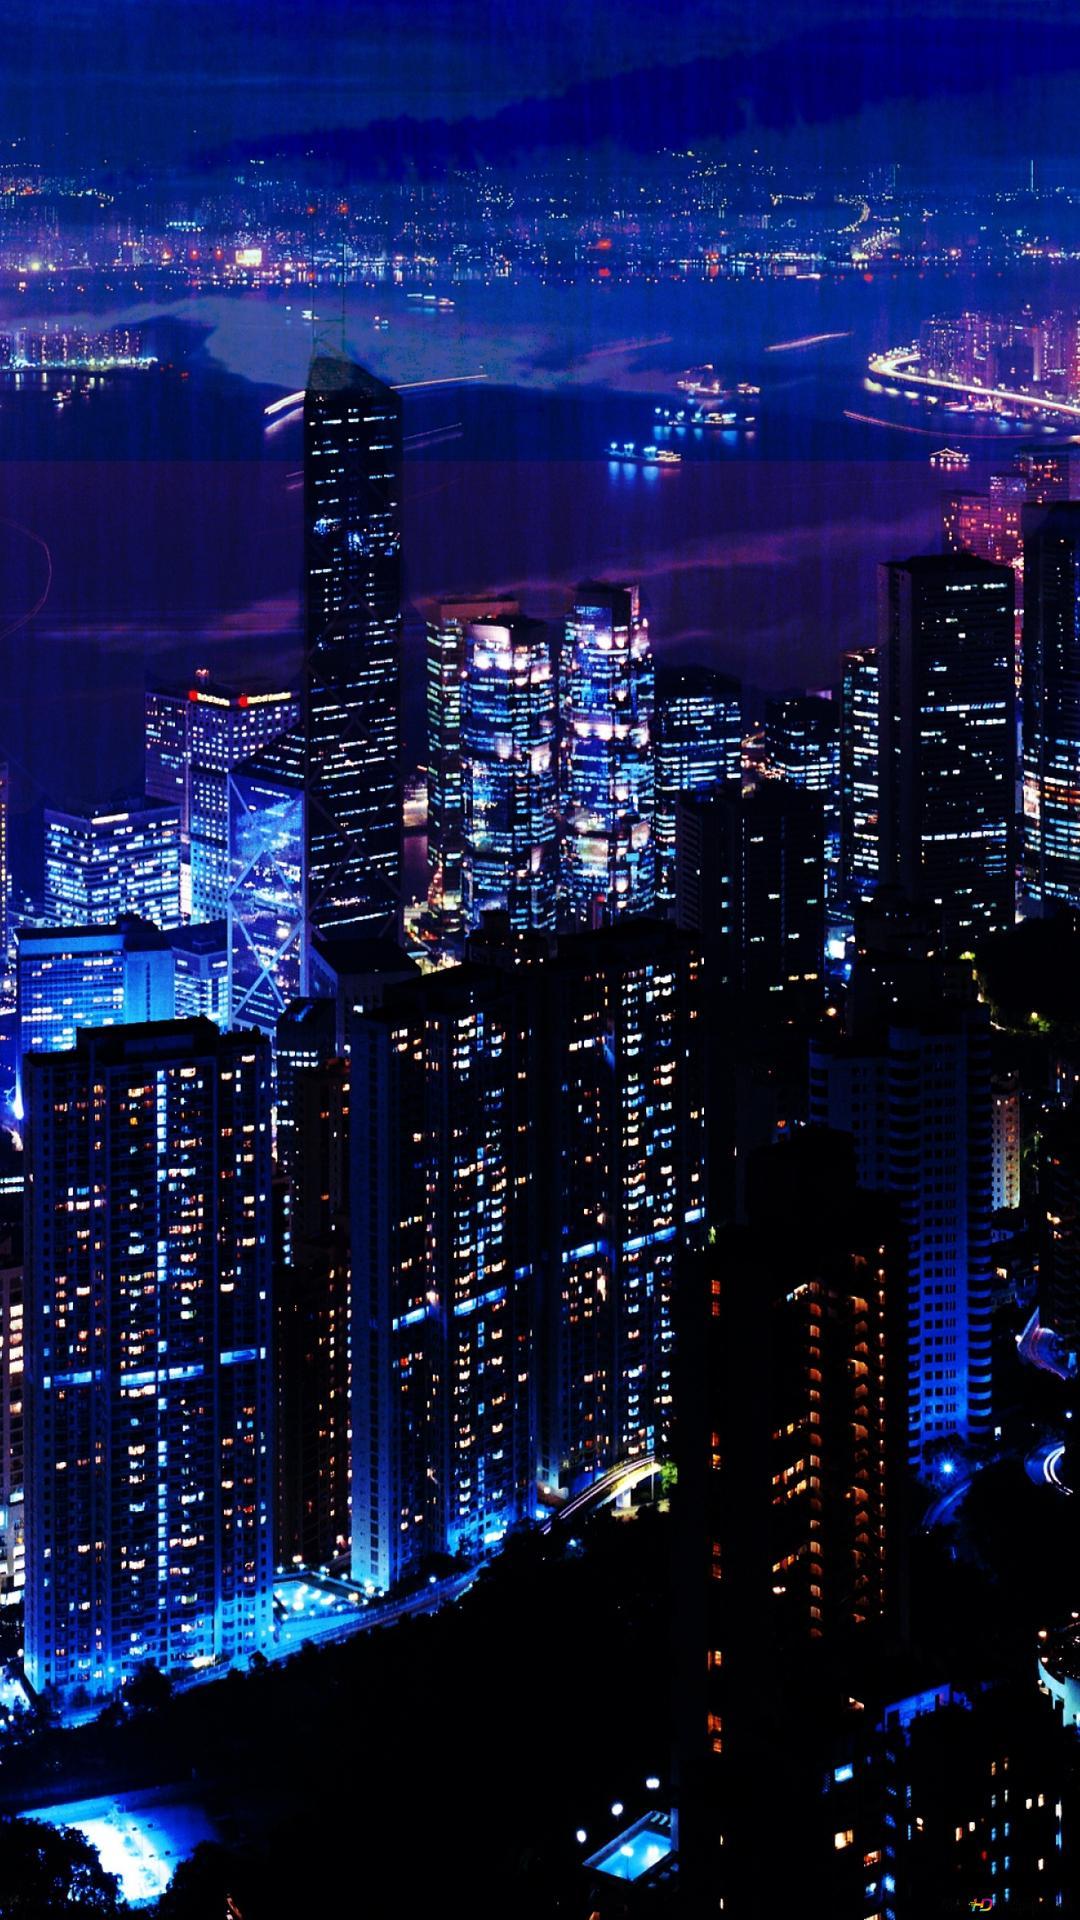 城市夜景高清壁紙下載